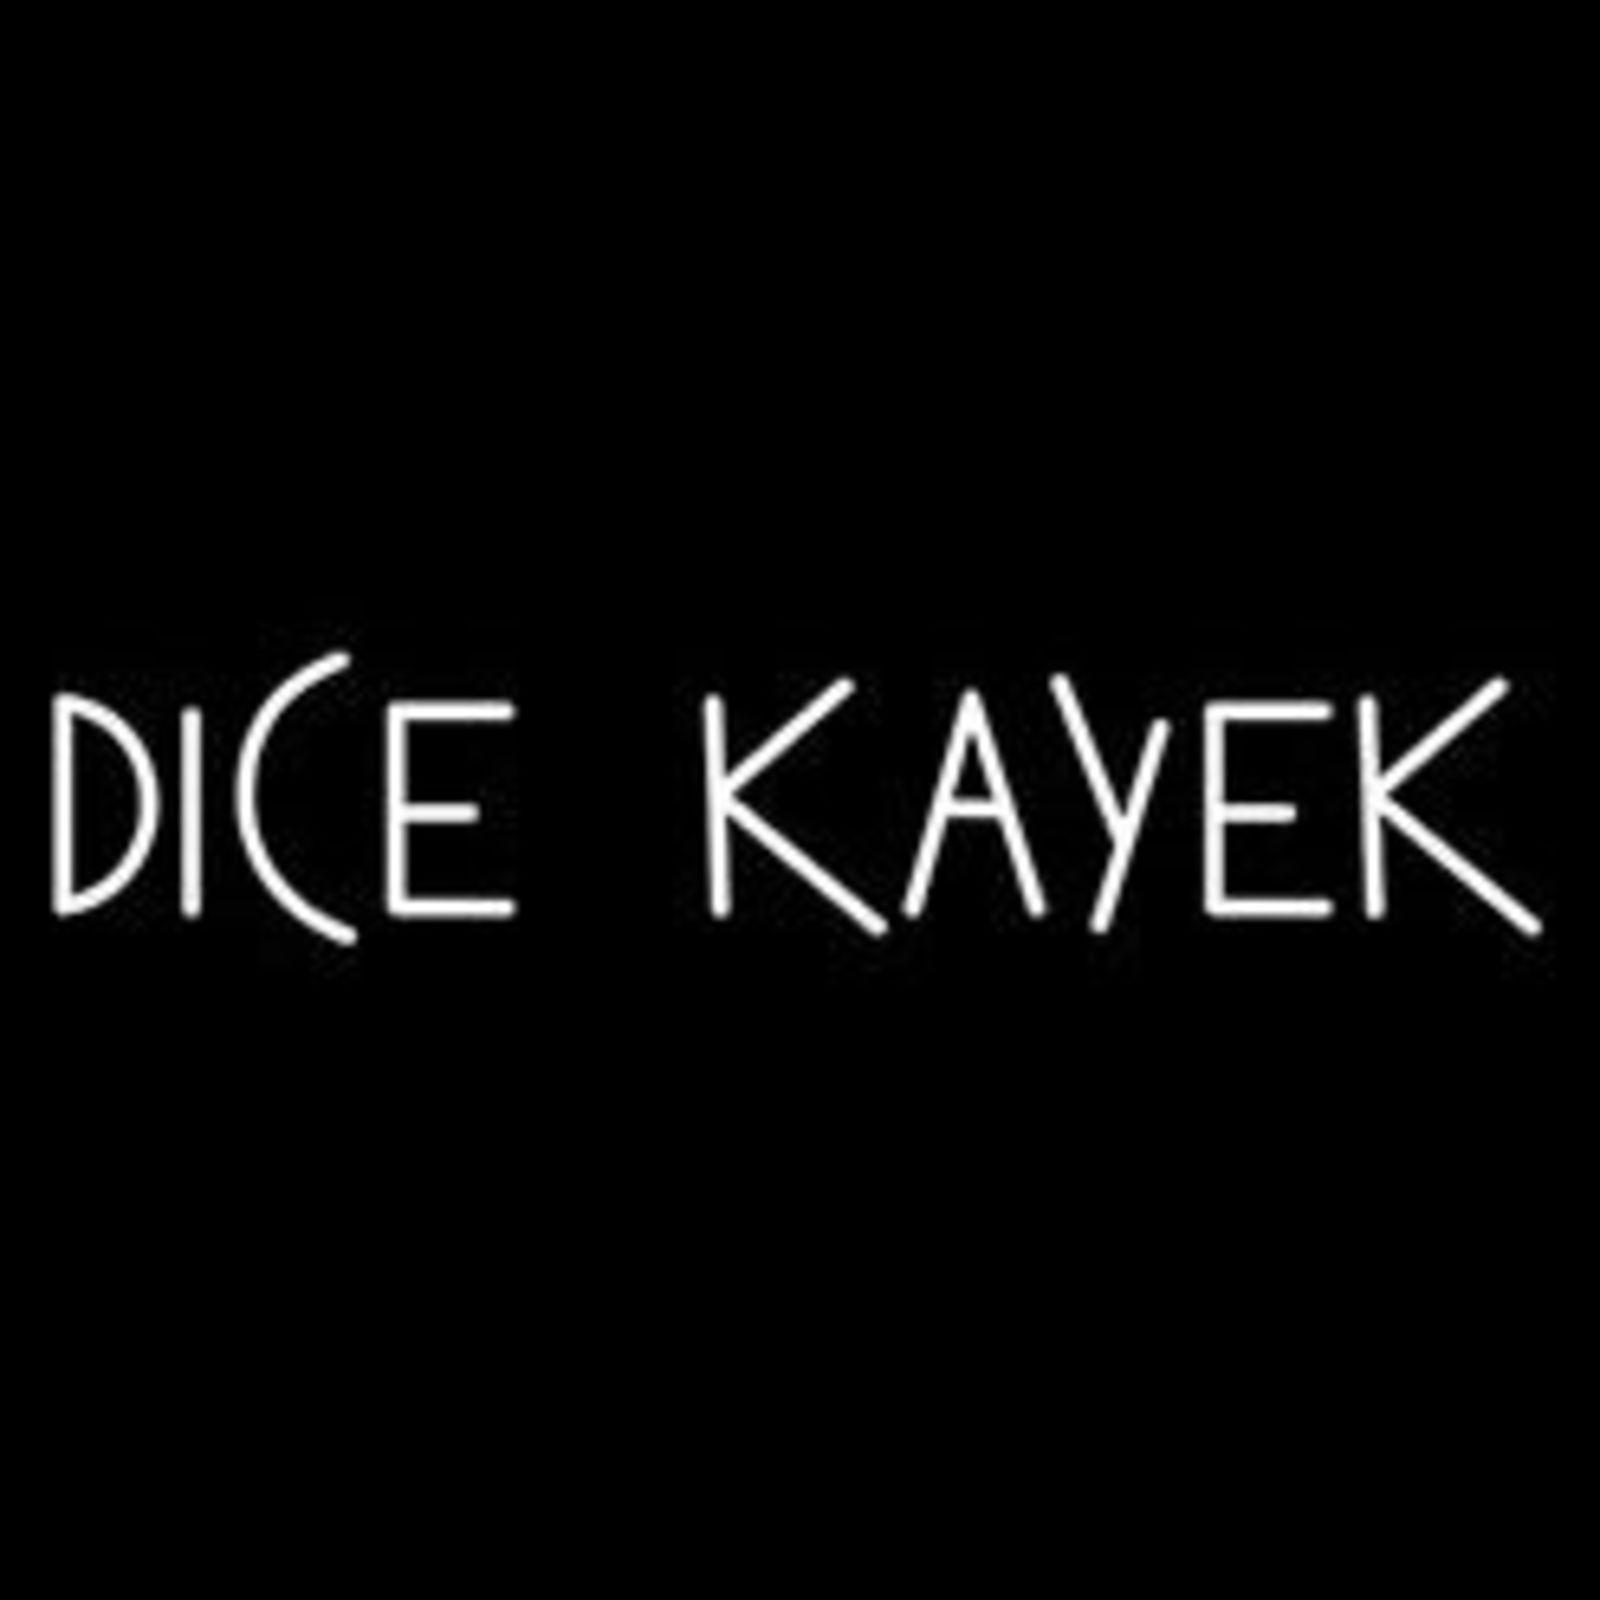 DICE KAYEK (Bild 1)